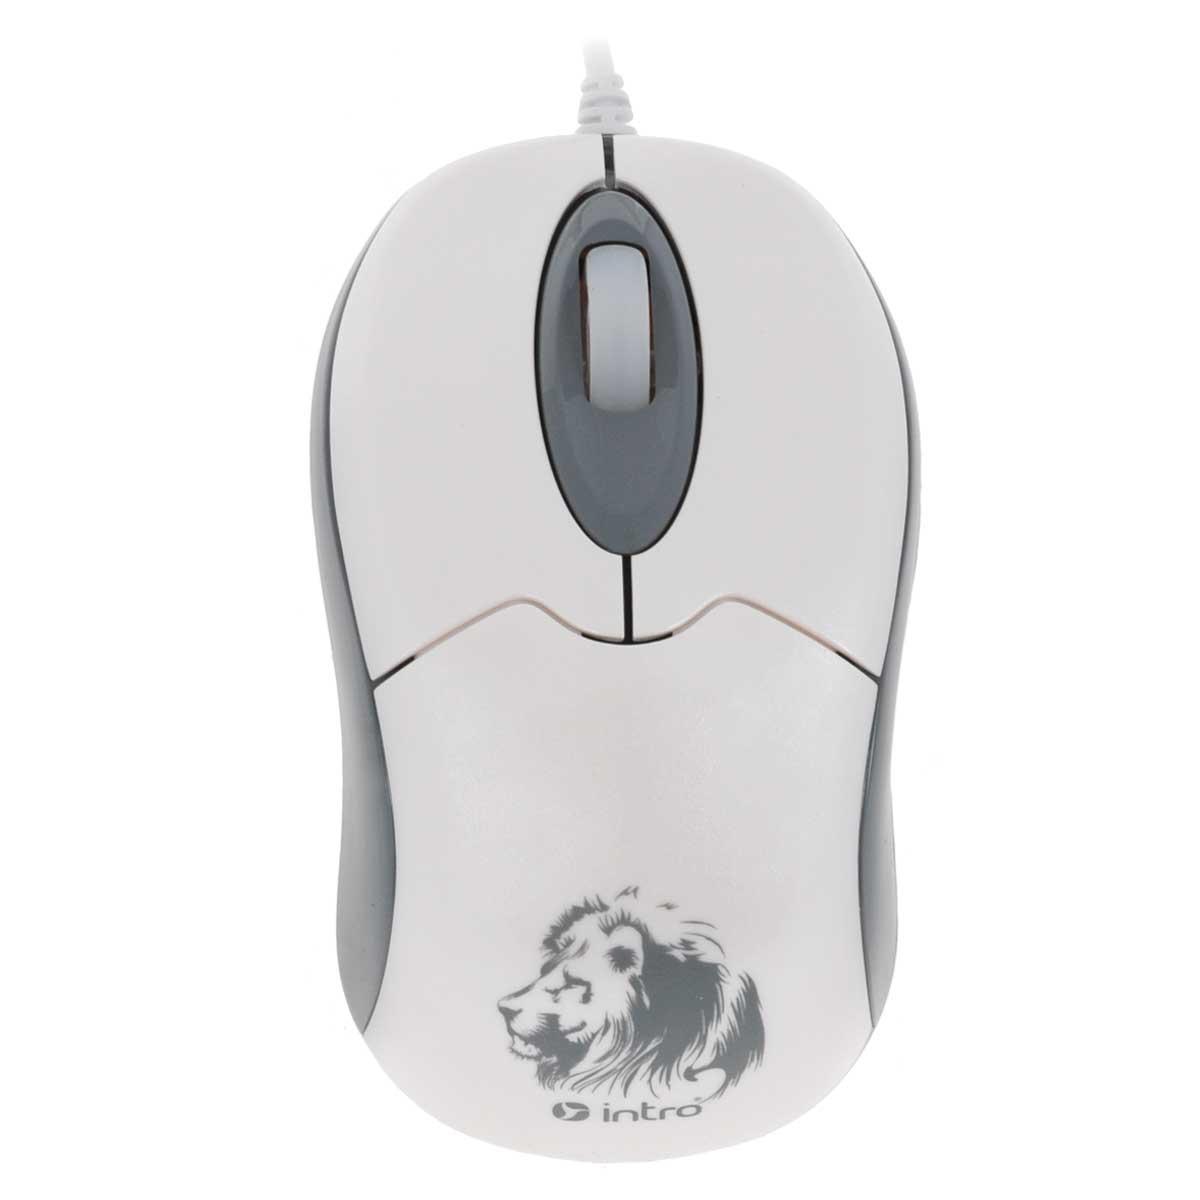 все цены на  Intro MU204, White мышь  онлайн